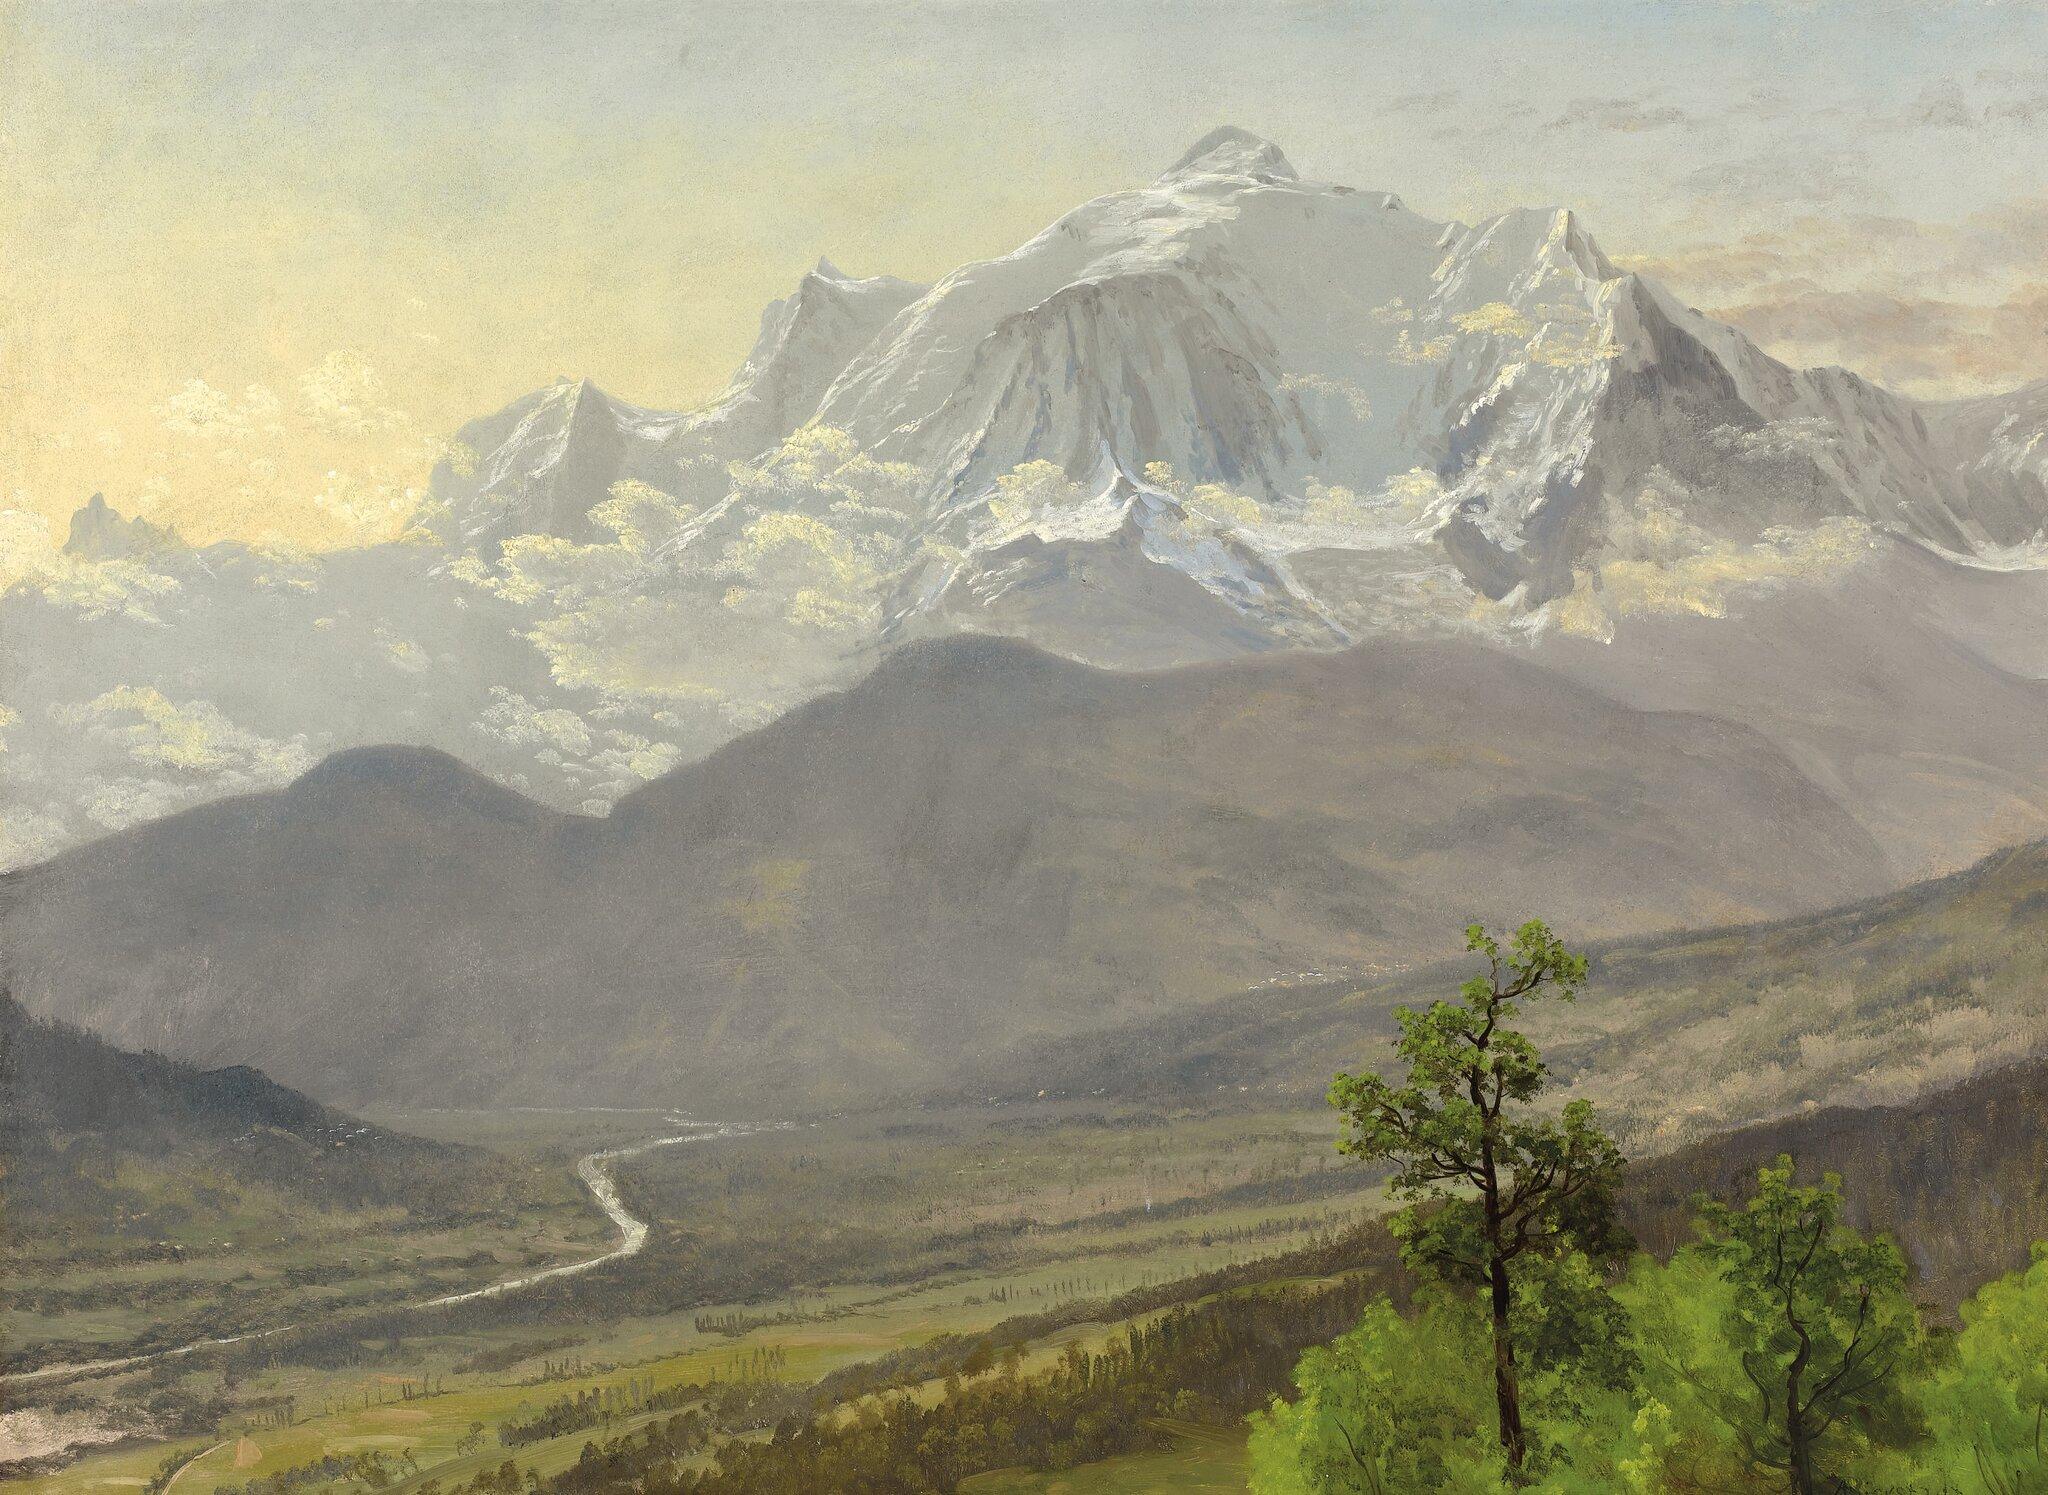 Mont Blanc Źródło: Albert Bierstadt, Mont Blanc, 1895, olej na papierze ipłótnie, domena publiczna.